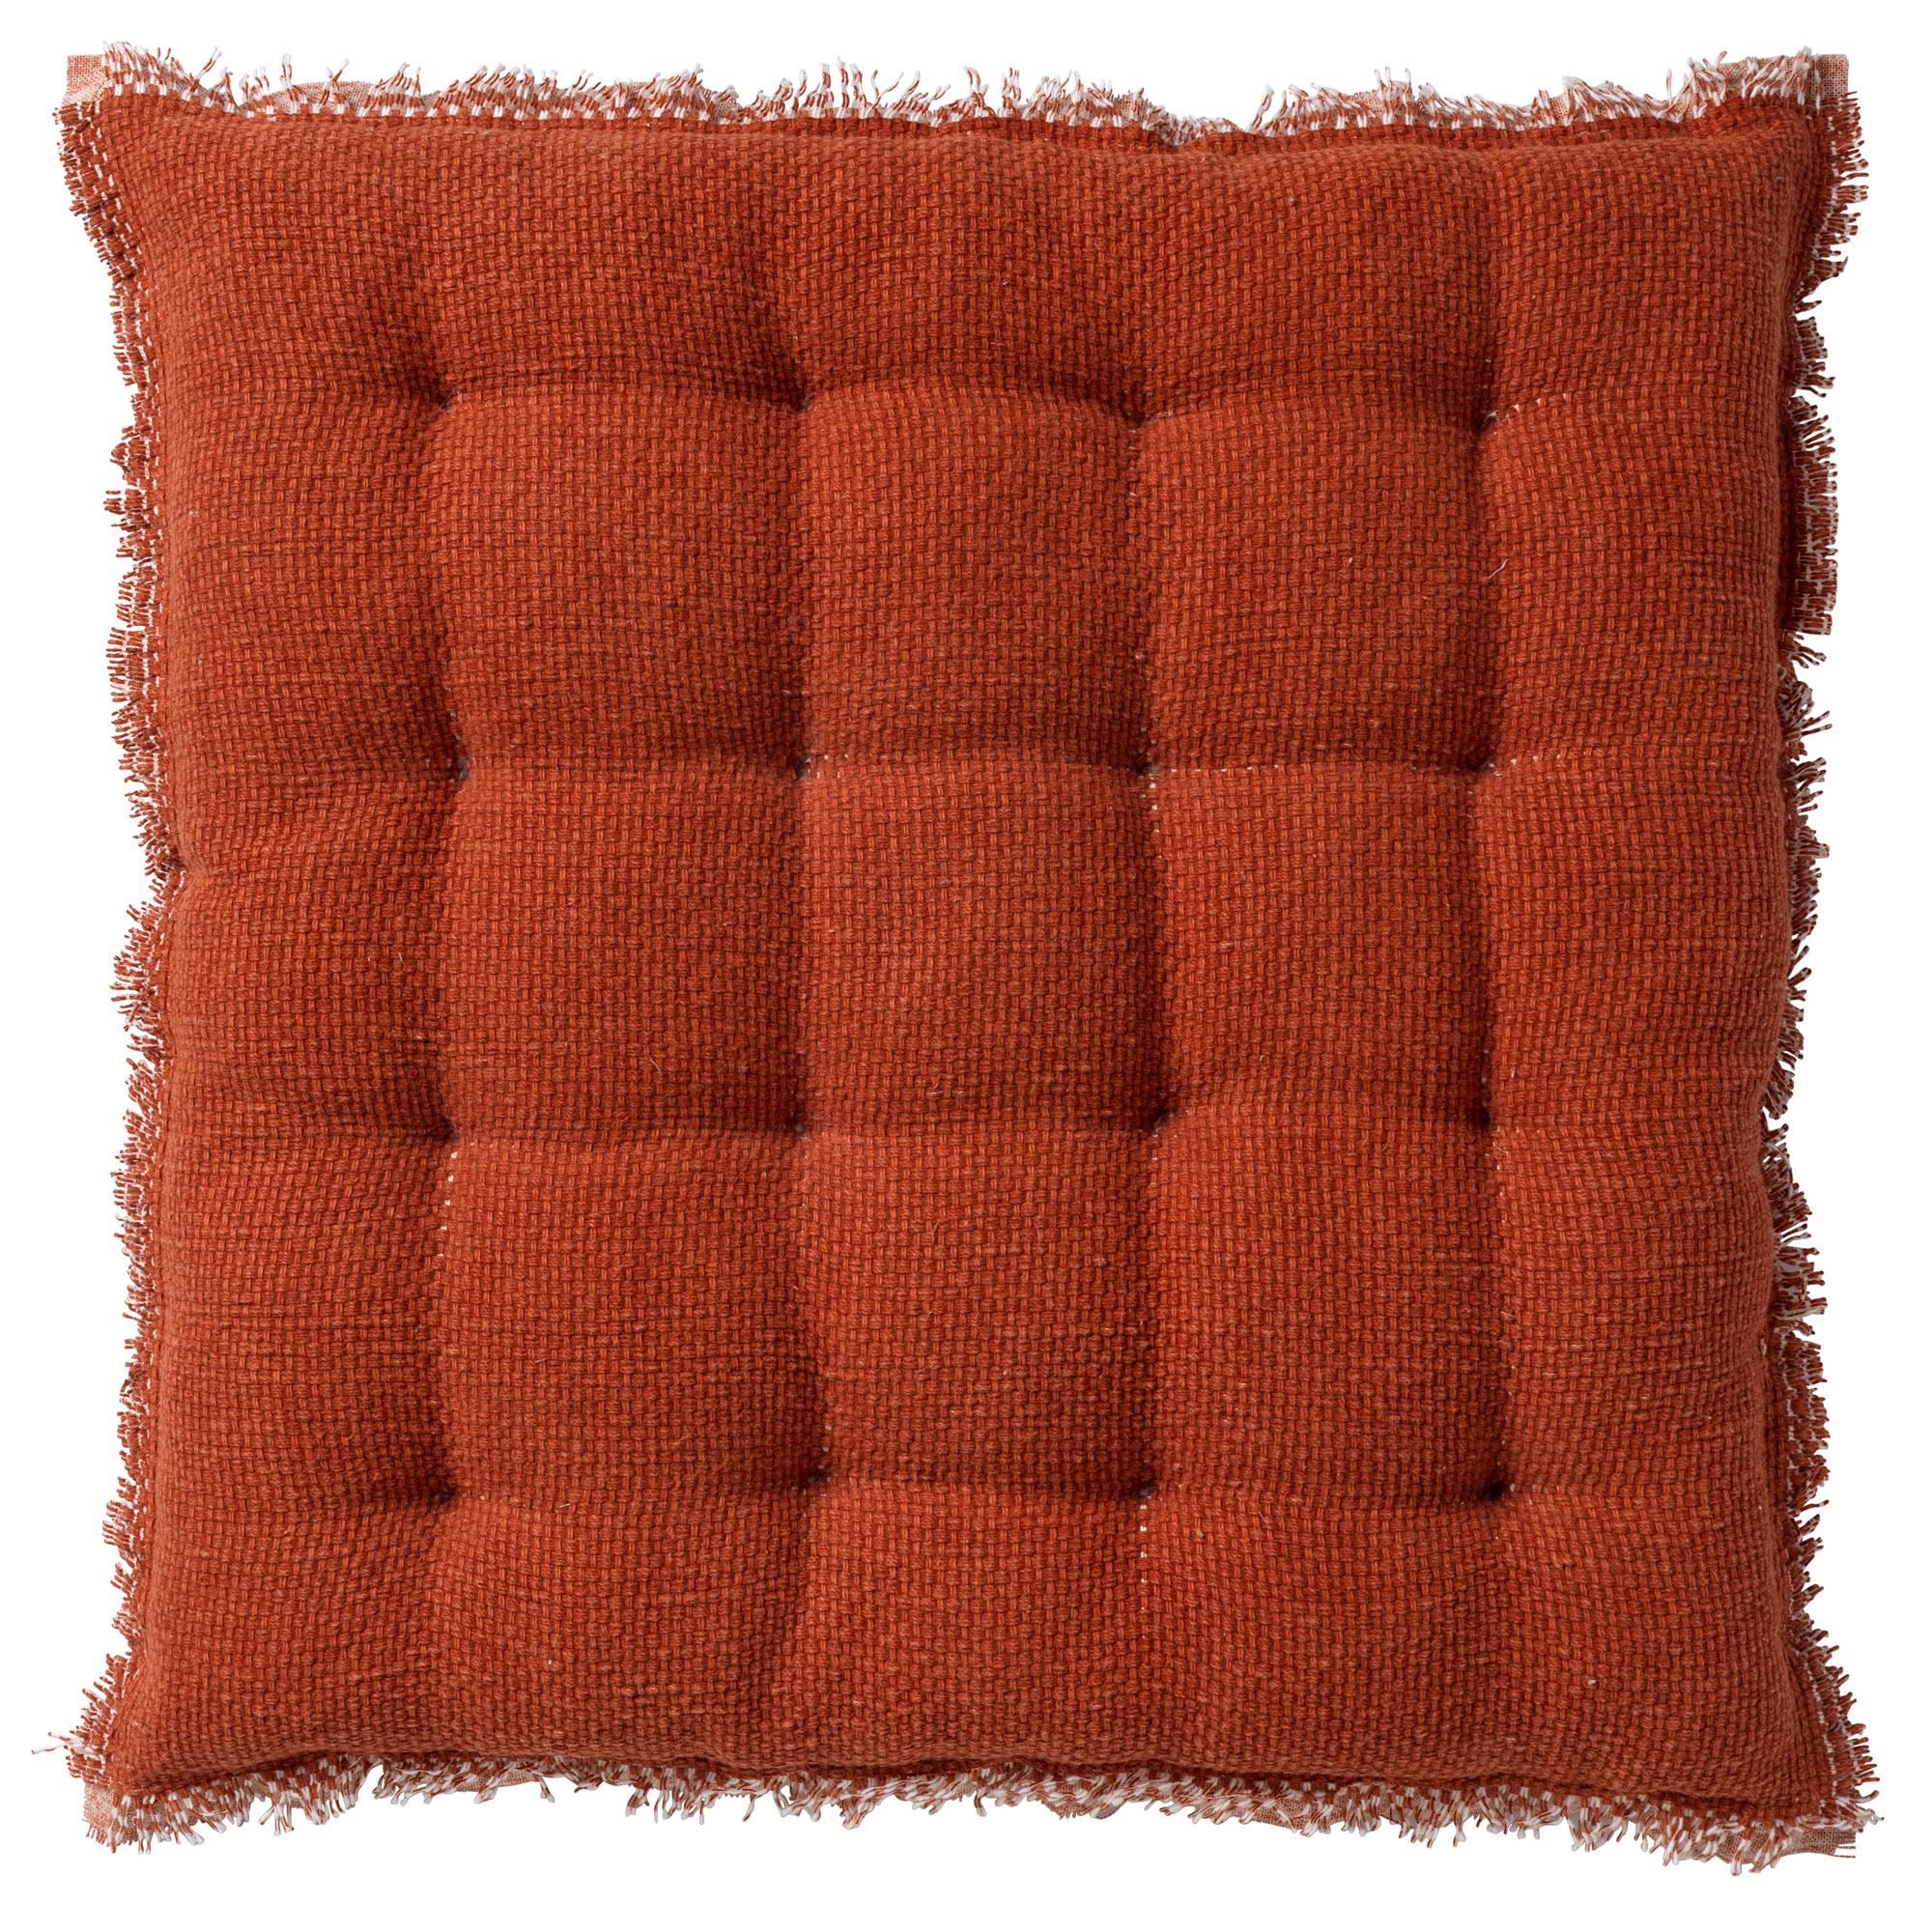 Coussin de sol en coton Terracotta 40x40